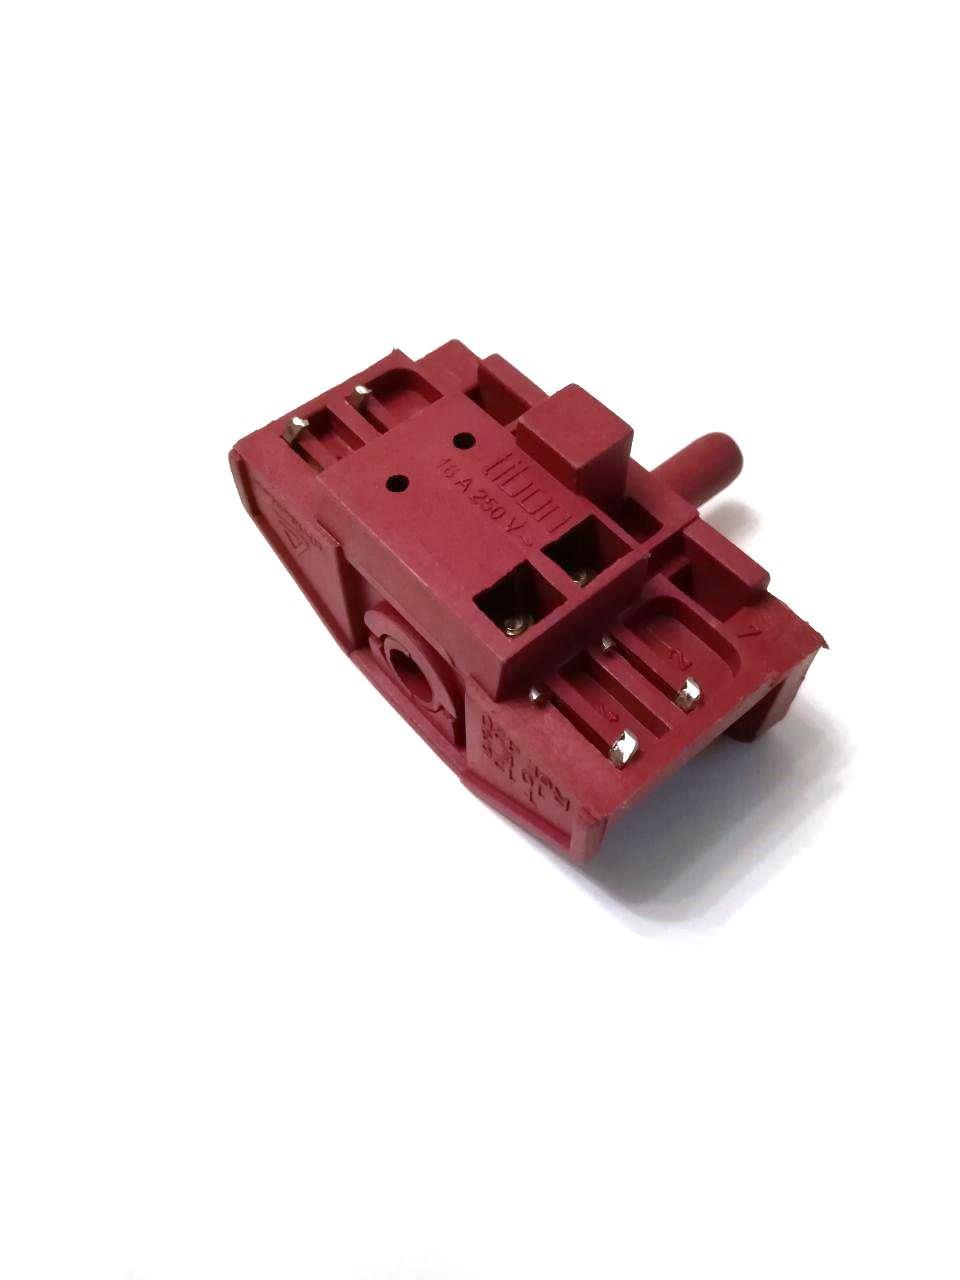 Переключатель 4-x позиционный Tibon 420 / 250V / 16A / T125 для электроплит и духовок / Турция